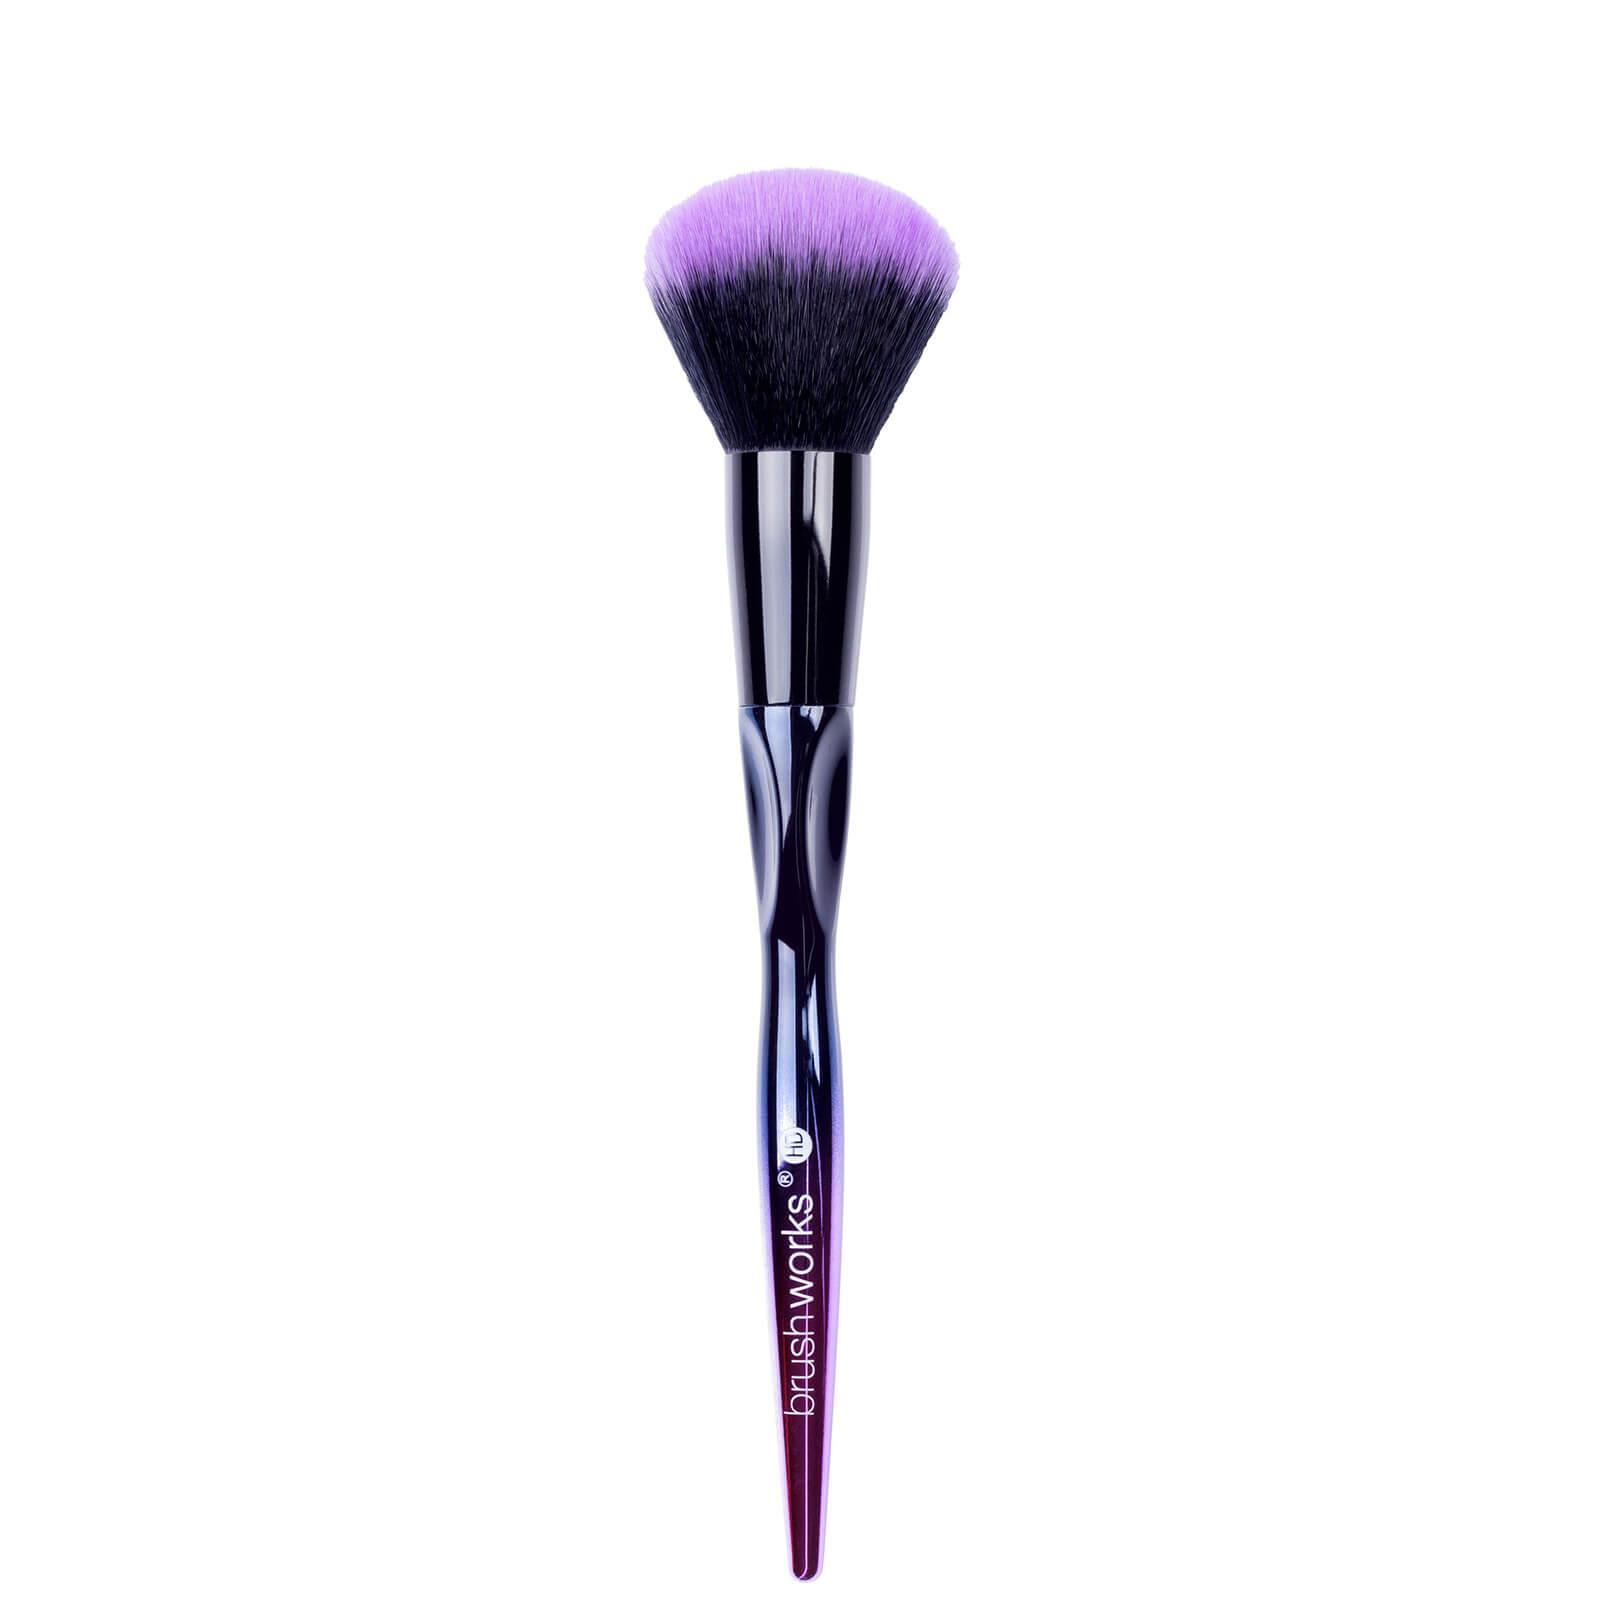 brushworks HD Powder Blush Brush